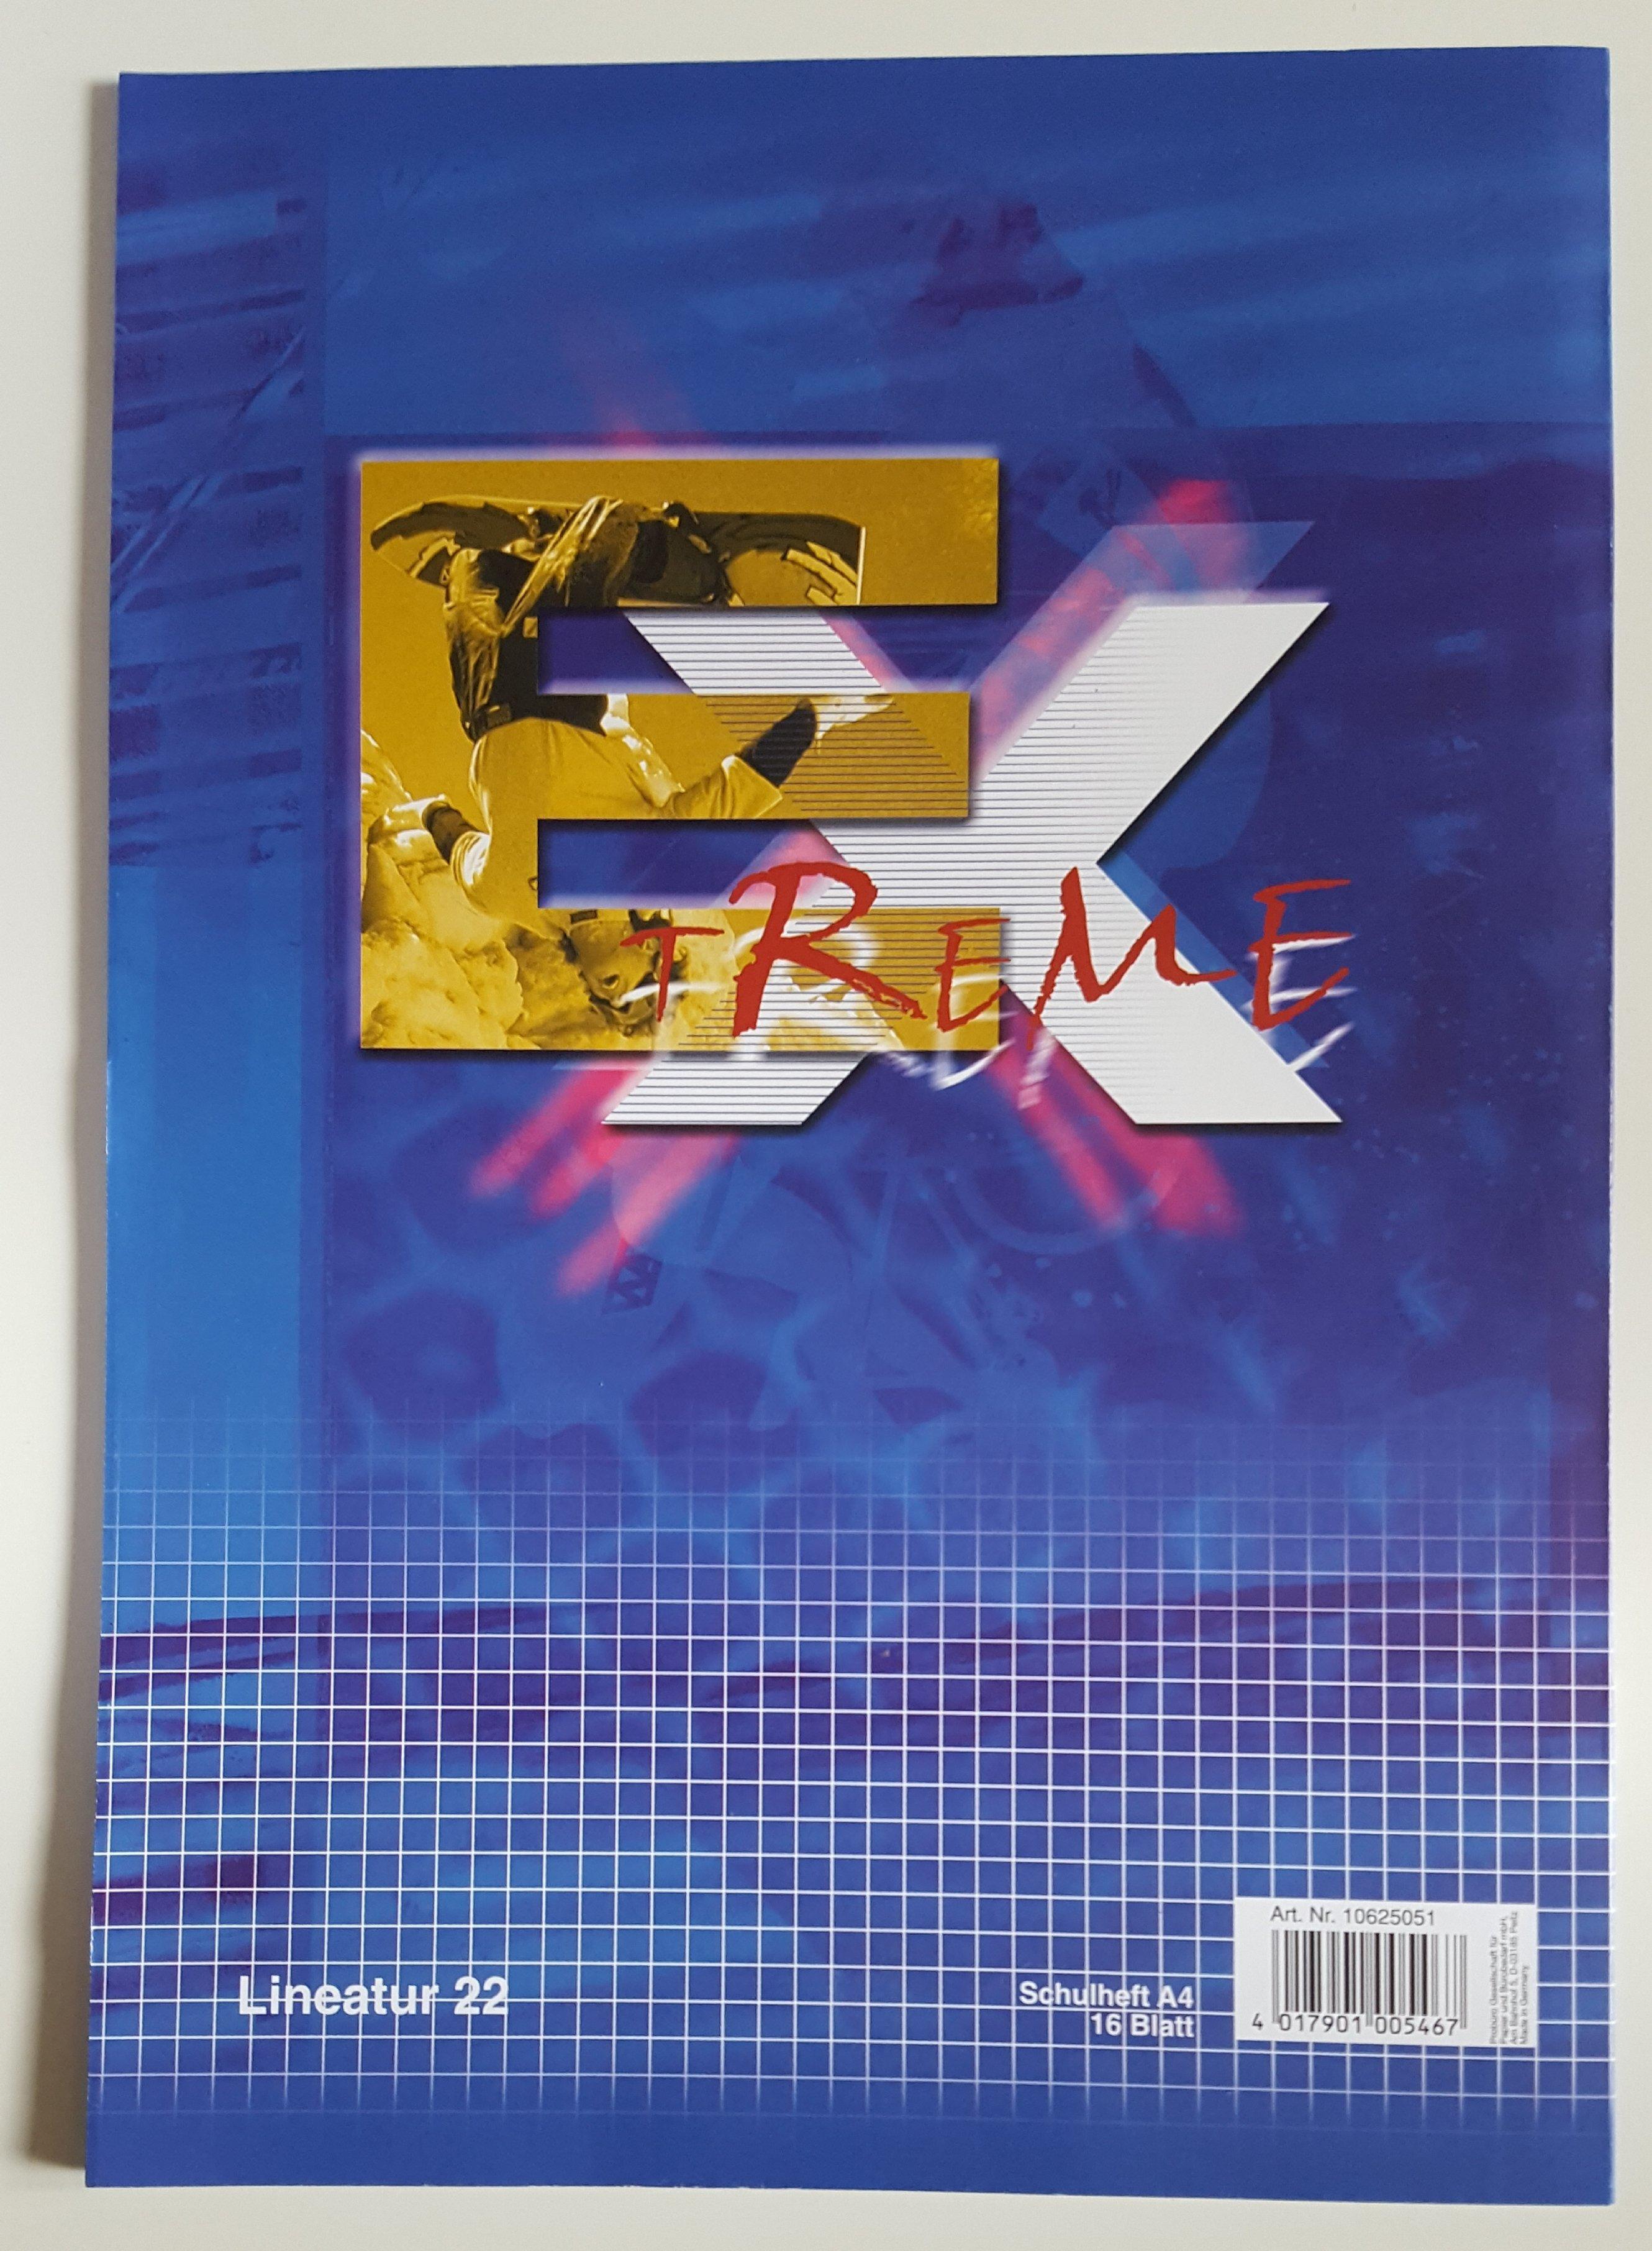 5 Stk. EXREME Schulheft A4 Randlos kariert  12 Blatt      Lineatur  22